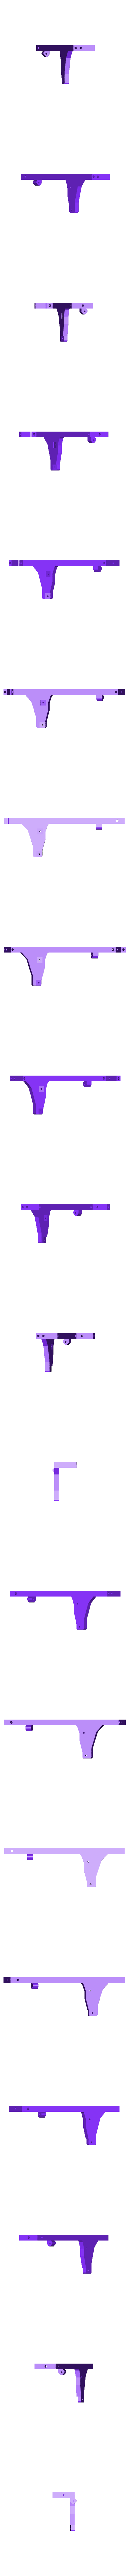 TruckV3_Rearframe1_SplitB.STL Download STL file 3D Printed RC Truck V3 • 3D print model, MrCrankyface